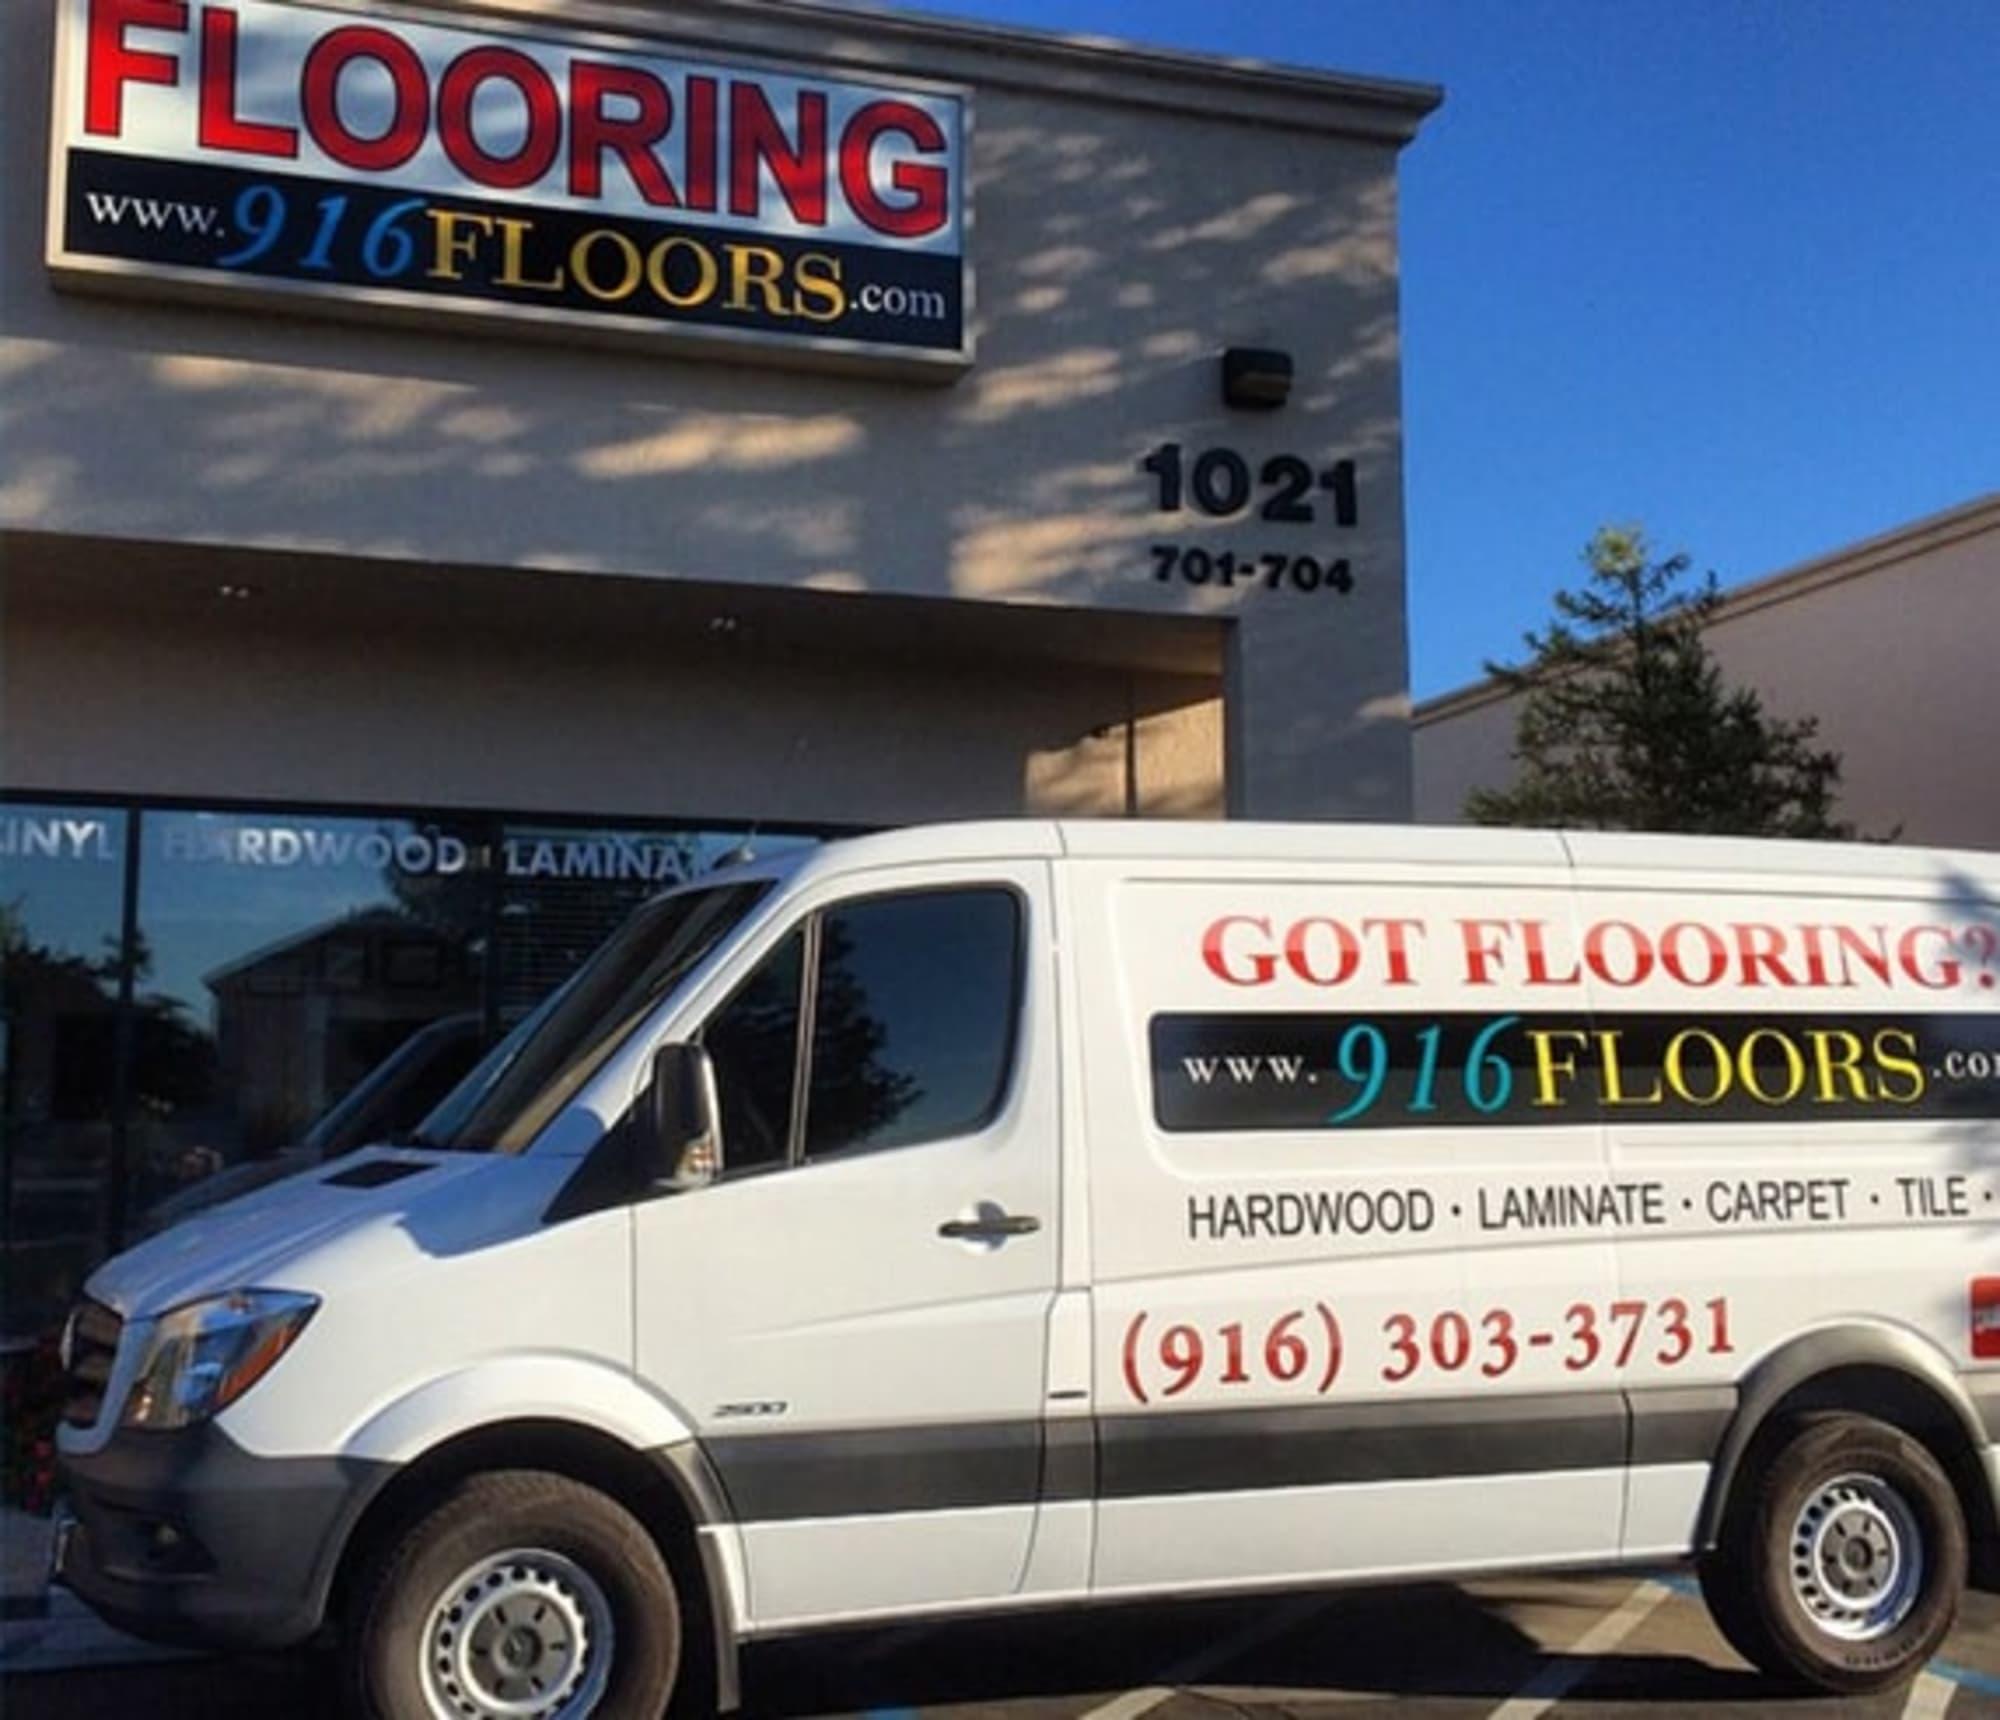 916 Floors Inc. - 1021 Junction Blvd Roseville, CA 95678